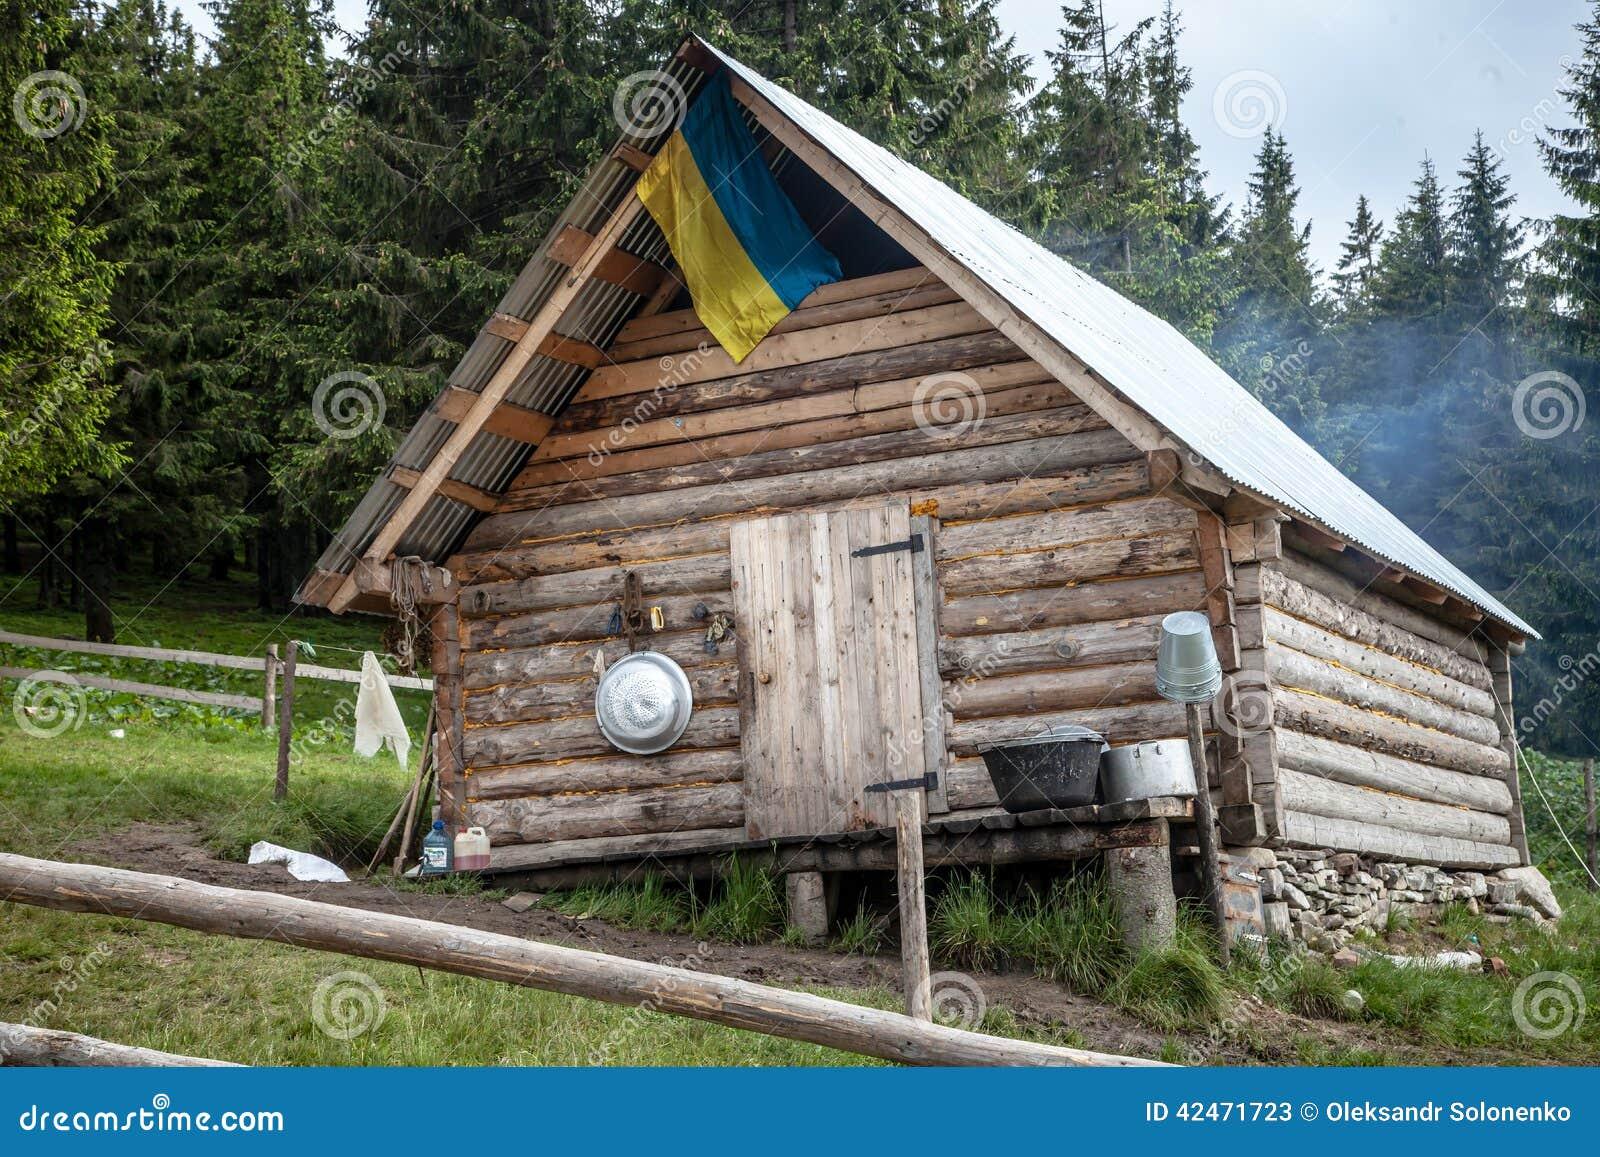 Hölzerne kolyba Hütte mit einer ukrainischen Flagge